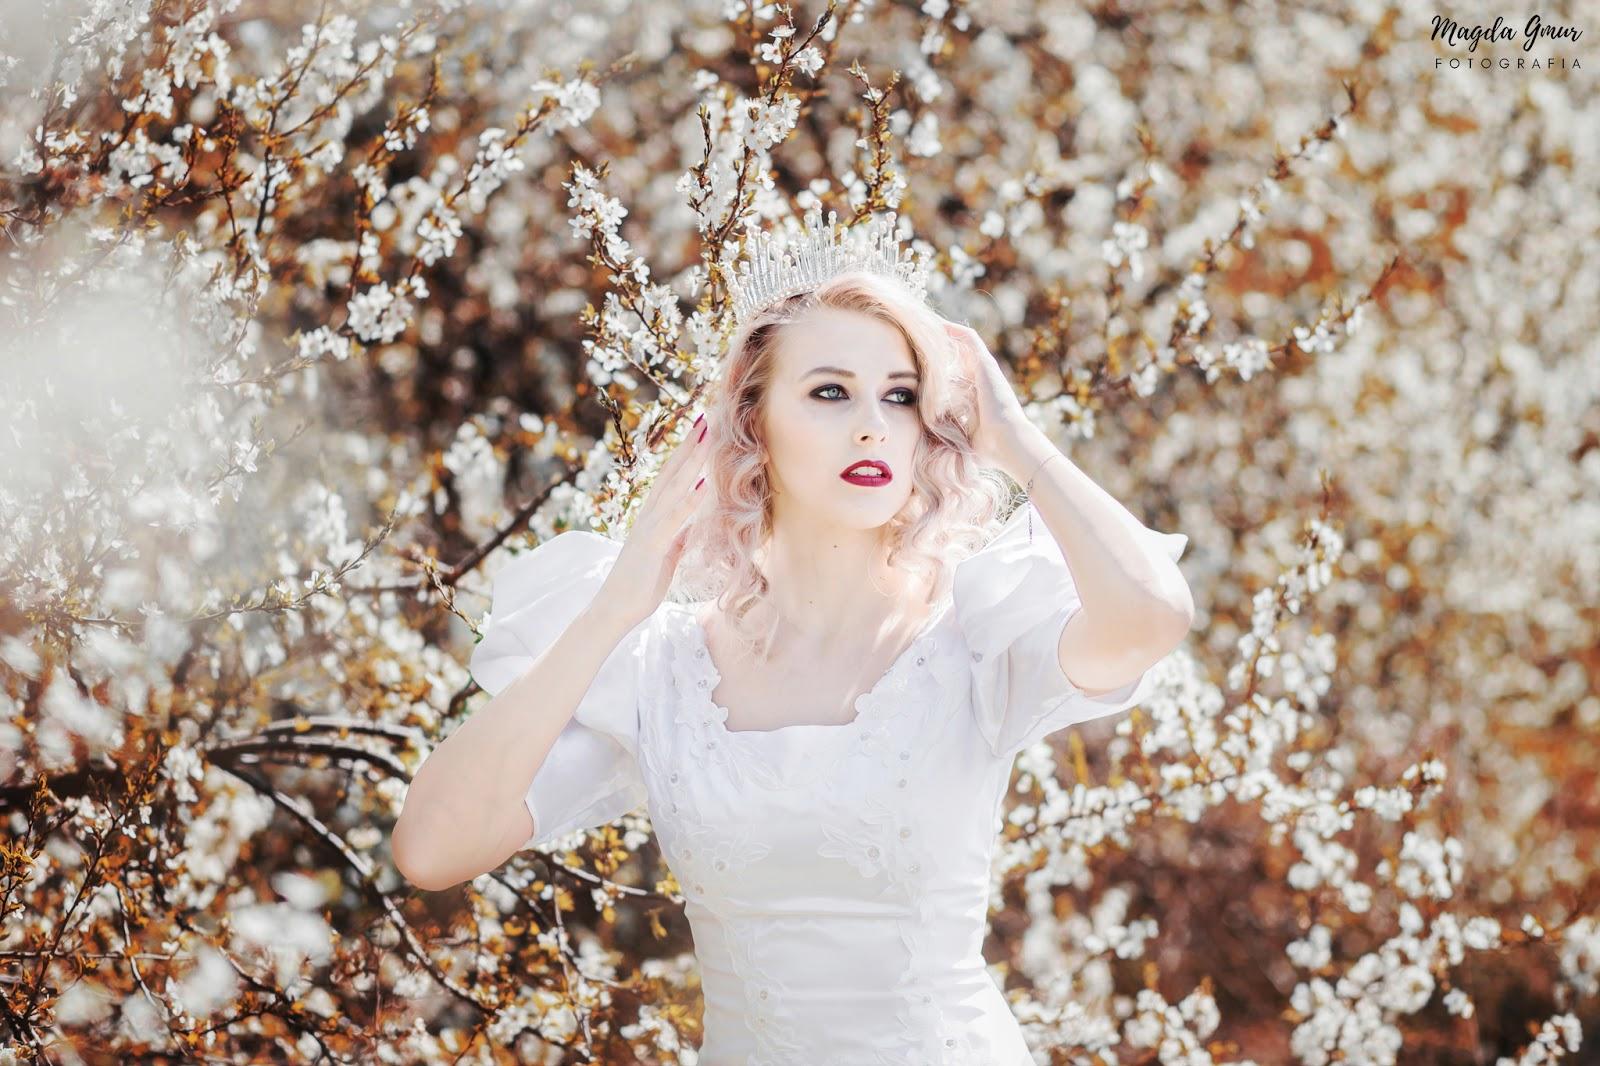 spring queen, sesja w białych kwiatach, wiosna, wiosenna sesja, sesja w sadzie, biała suknia, bajkowa sesja, zdjęcia w białych kwiatach, wiosenna sesja, królowa wiosna, magda gmur fotografia, fotografia portretowa, fotograf opoczno, fotograf lublin, fotografia slubna opoczno, magda gmur